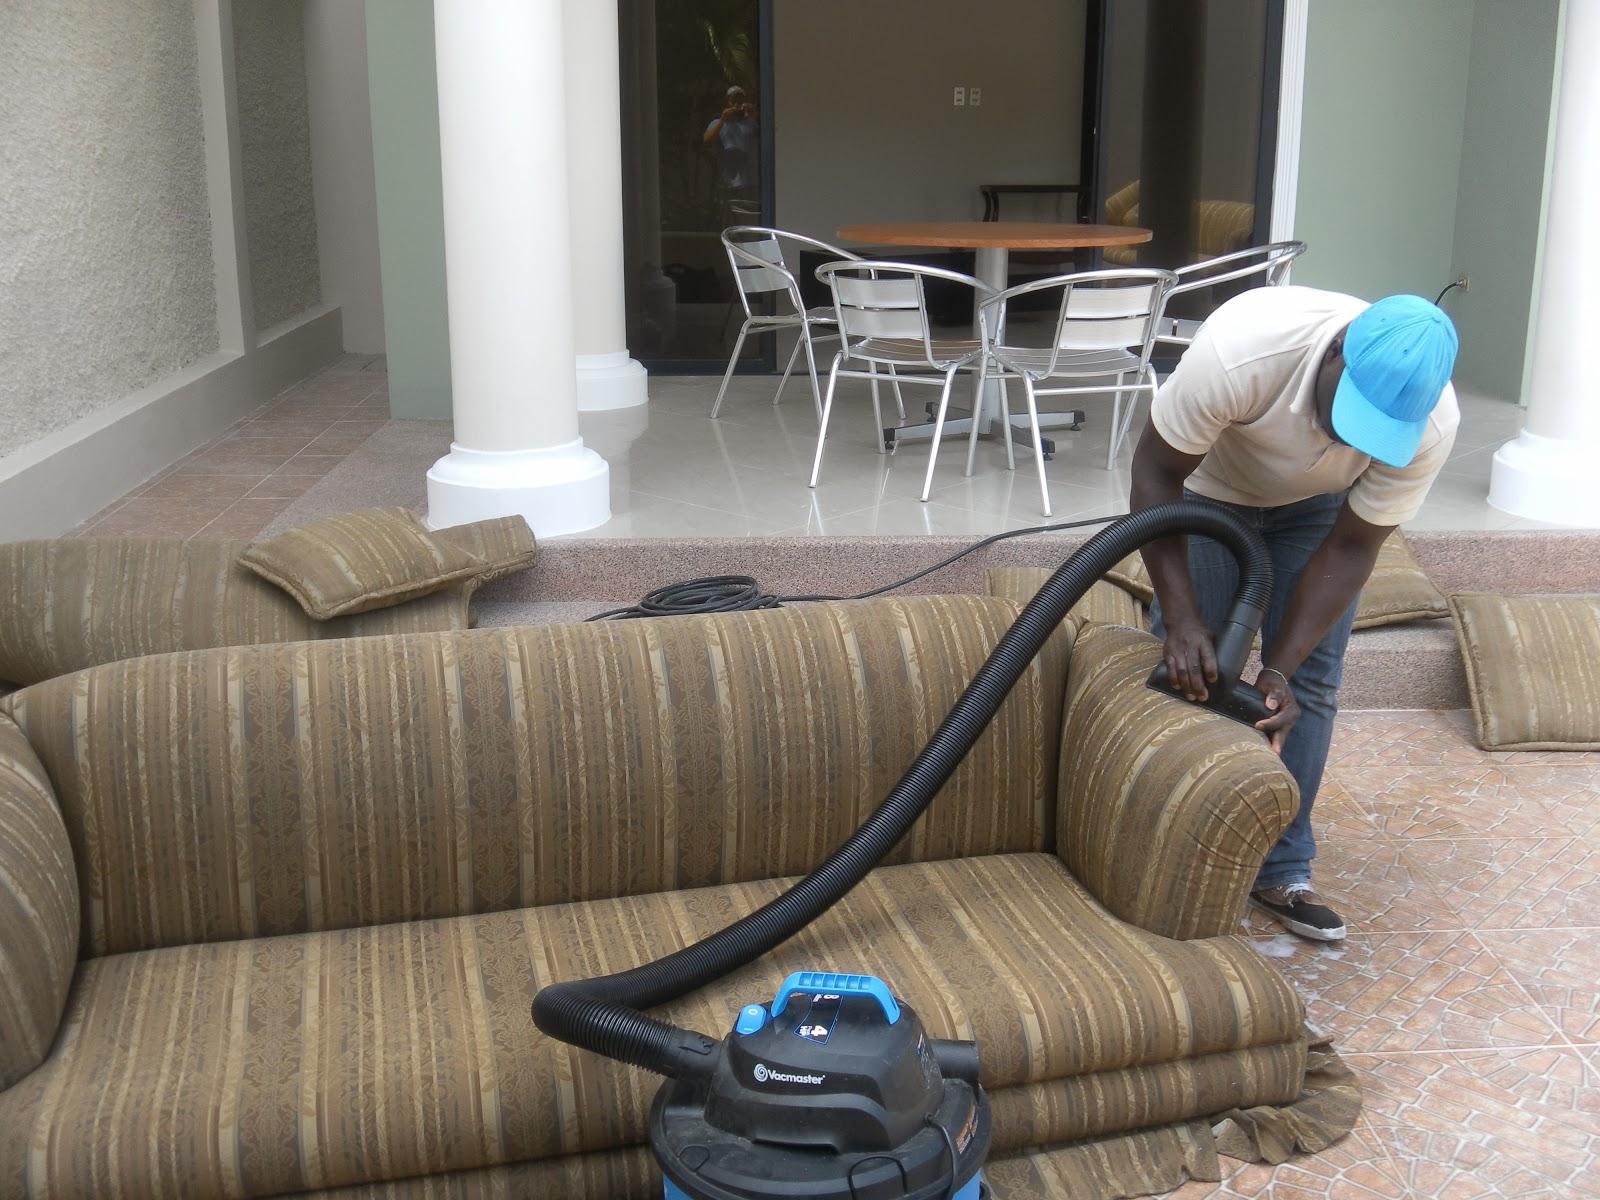 Limpieza profesional 1 de muebles 042578258 0989280055 for Limpieza de muebles